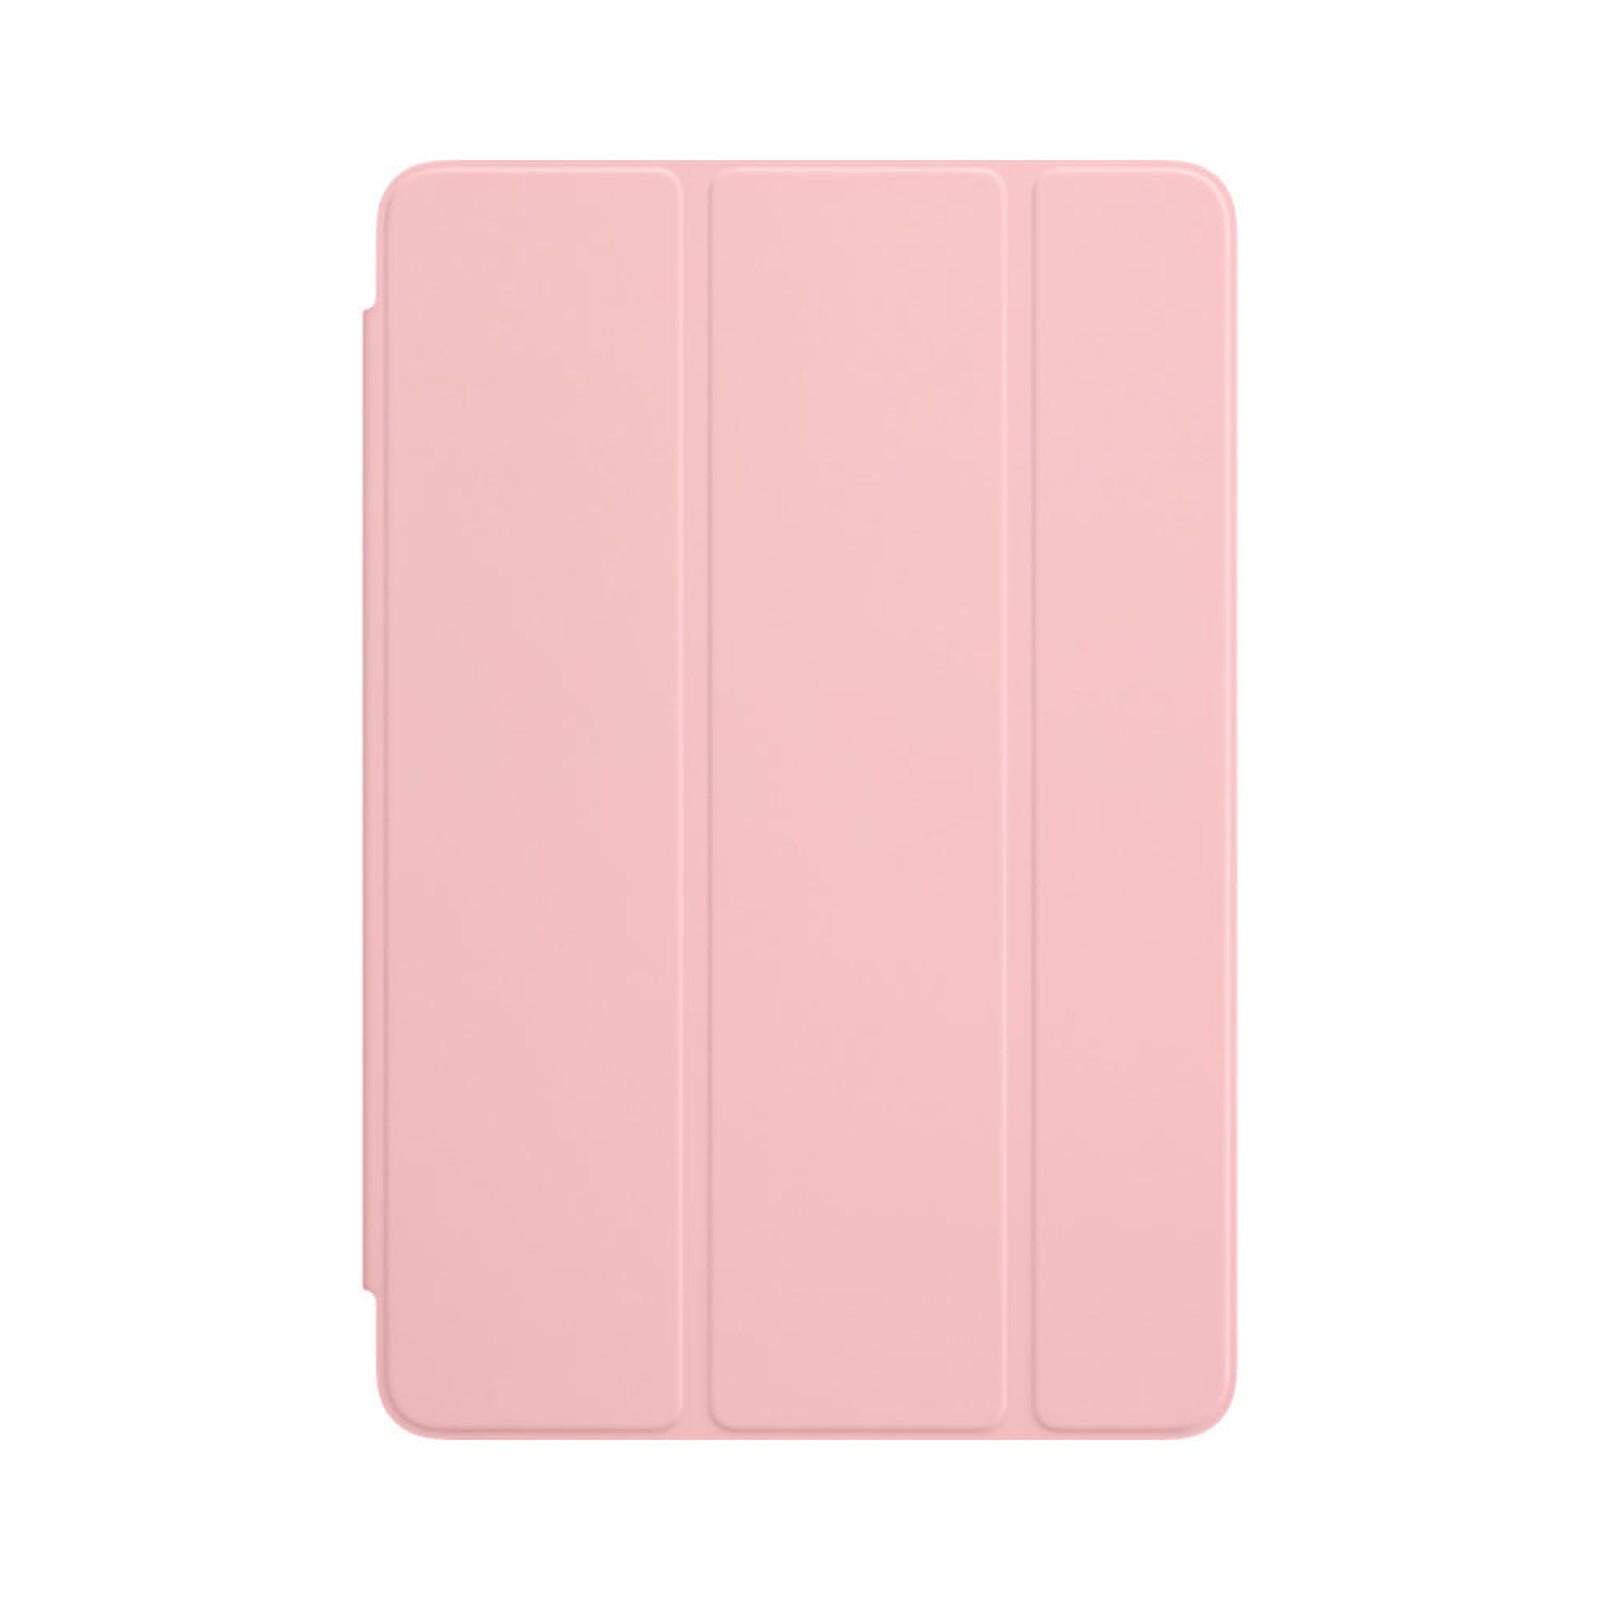 Apple iPad mini 4 Smart Cover Rose